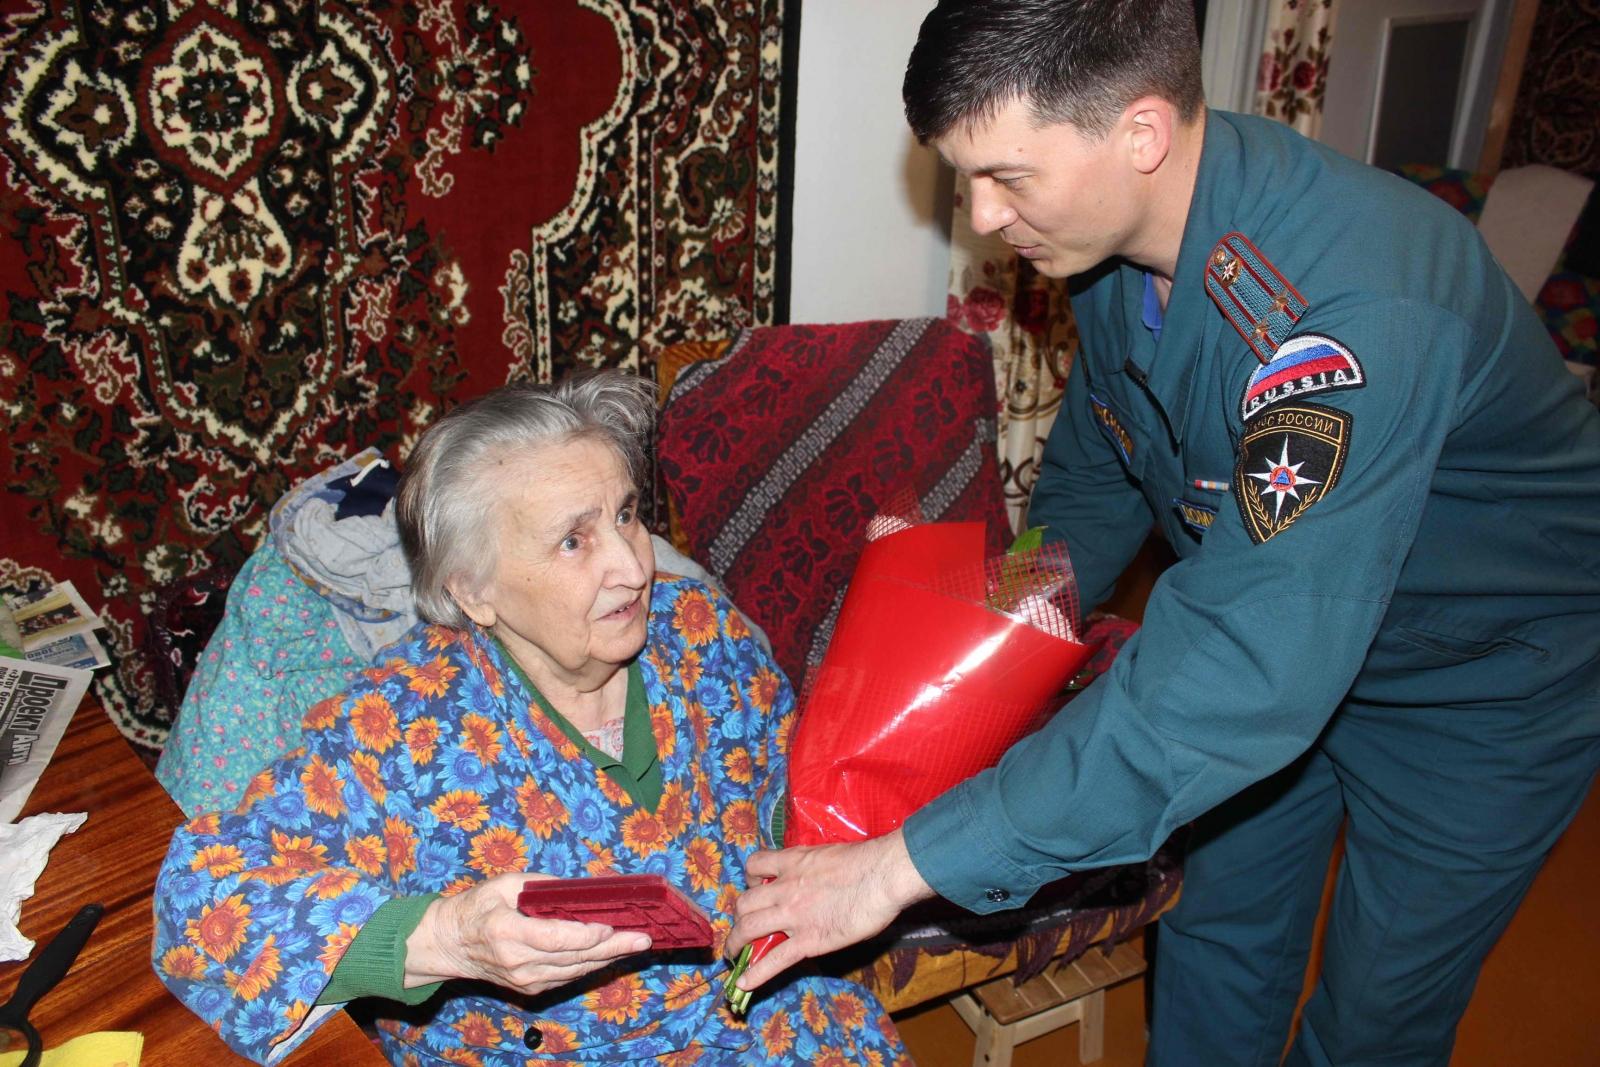 Вручение труженикам тыла юбилейных медалей «70 лет Победы в Великой Отечественной войне 1941-1945 гг.», 23 апреля 2015 года